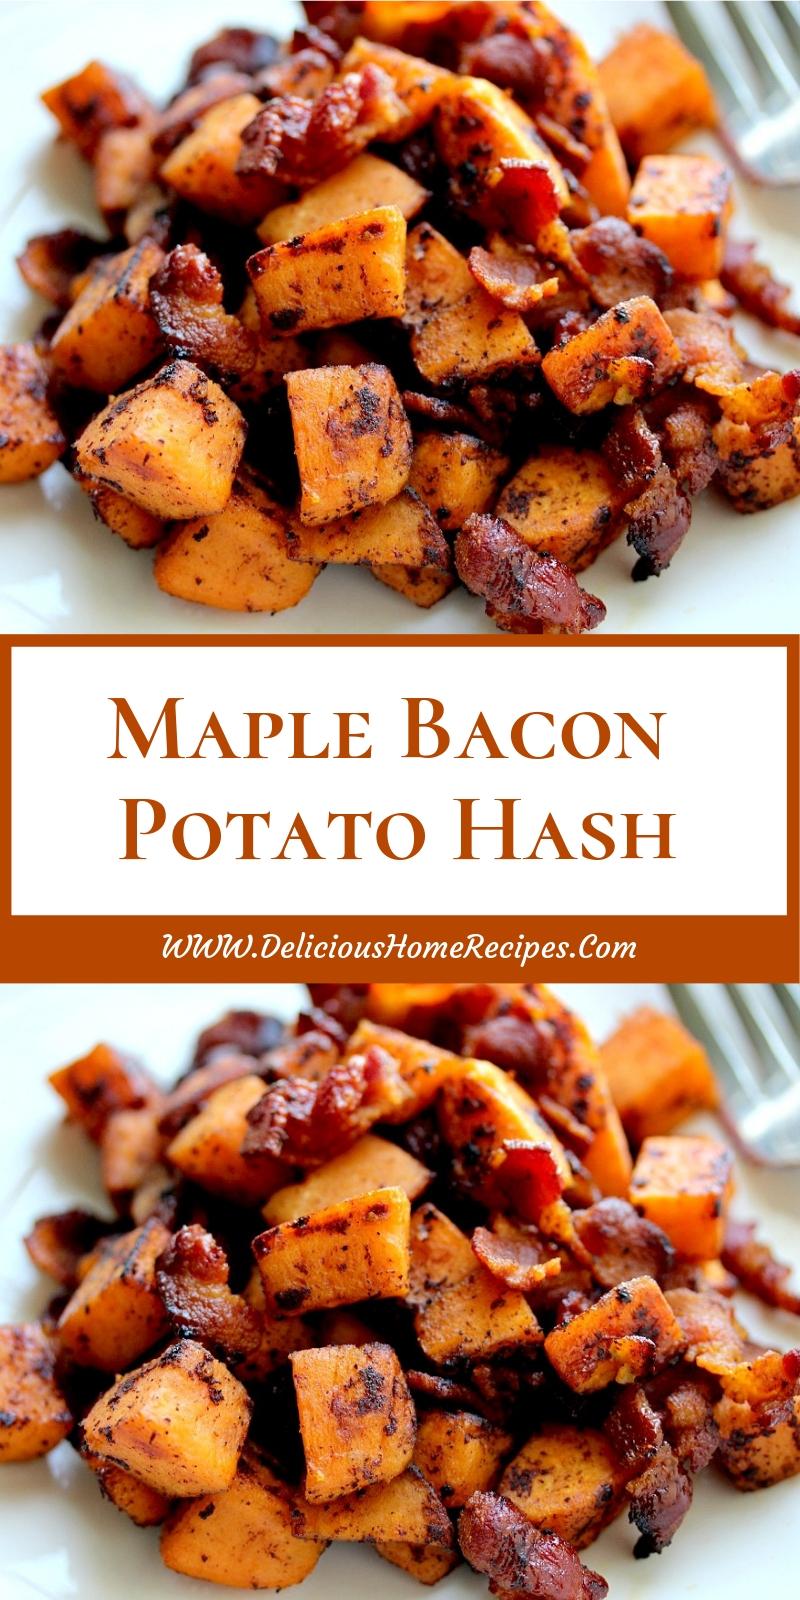 Maple Bacon Potato Hash